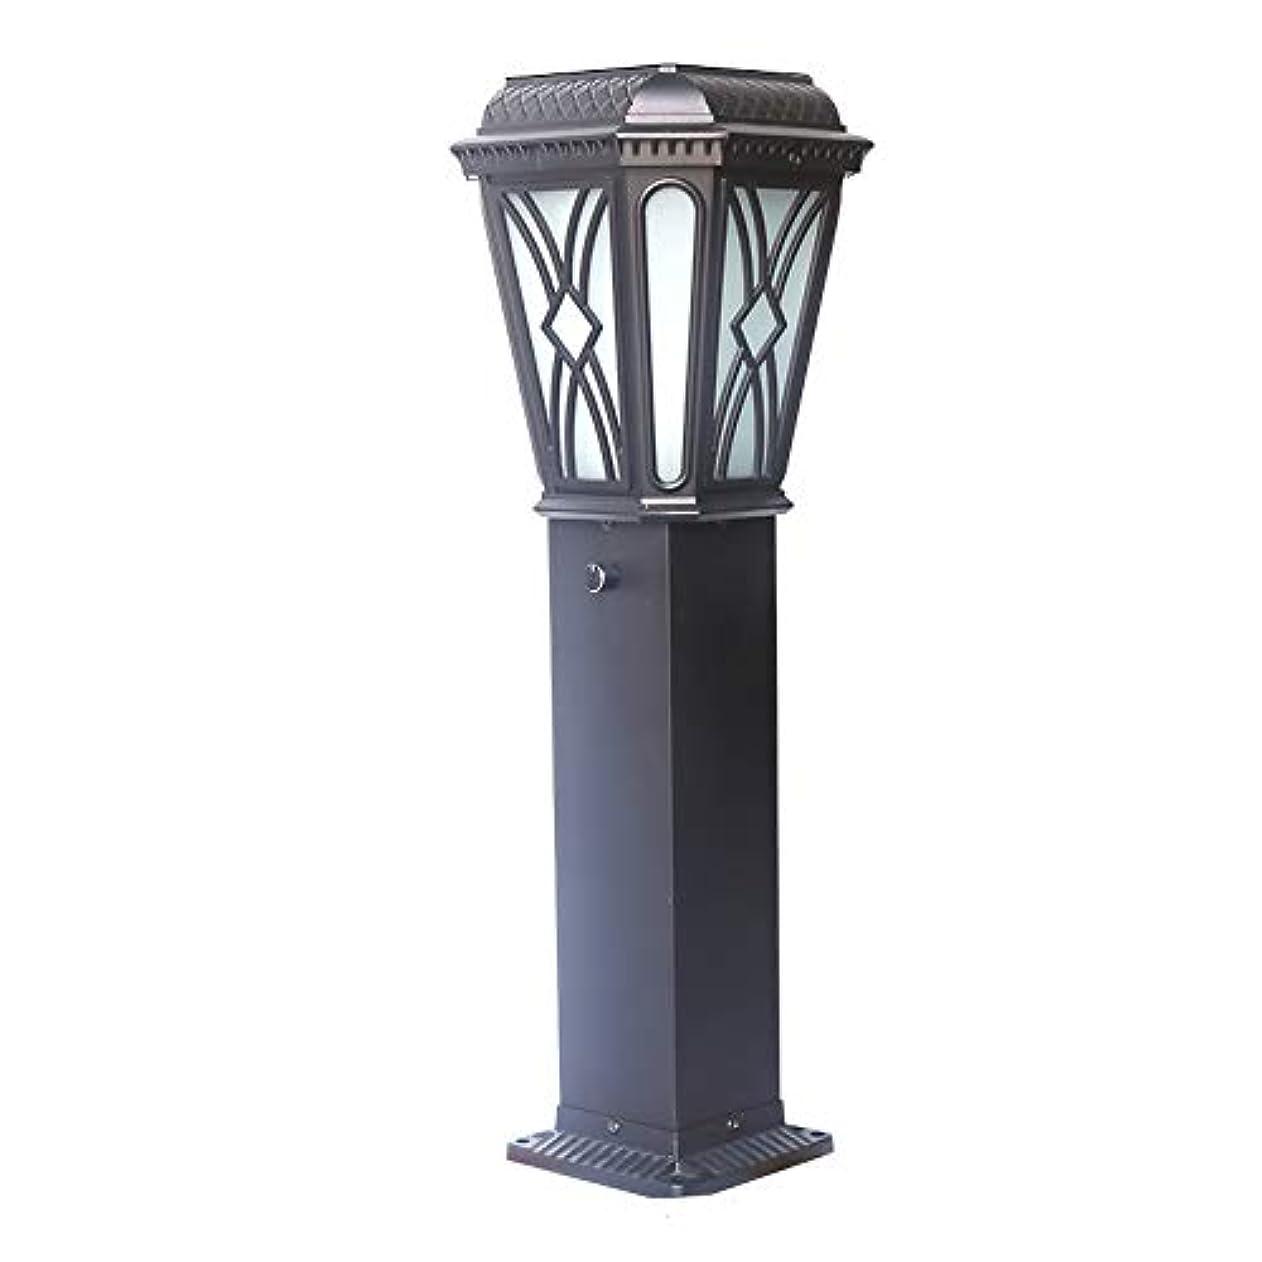 つかまえるモナリザ積分Pinjeer E27ヴィンテージクリエイティブパターン防水屋外ガラスポストライトヨーロッパレトロ工業用アルミコラムランプ芝生ガーデンストリートホーム照明柱ライト (Color : Solar energy)